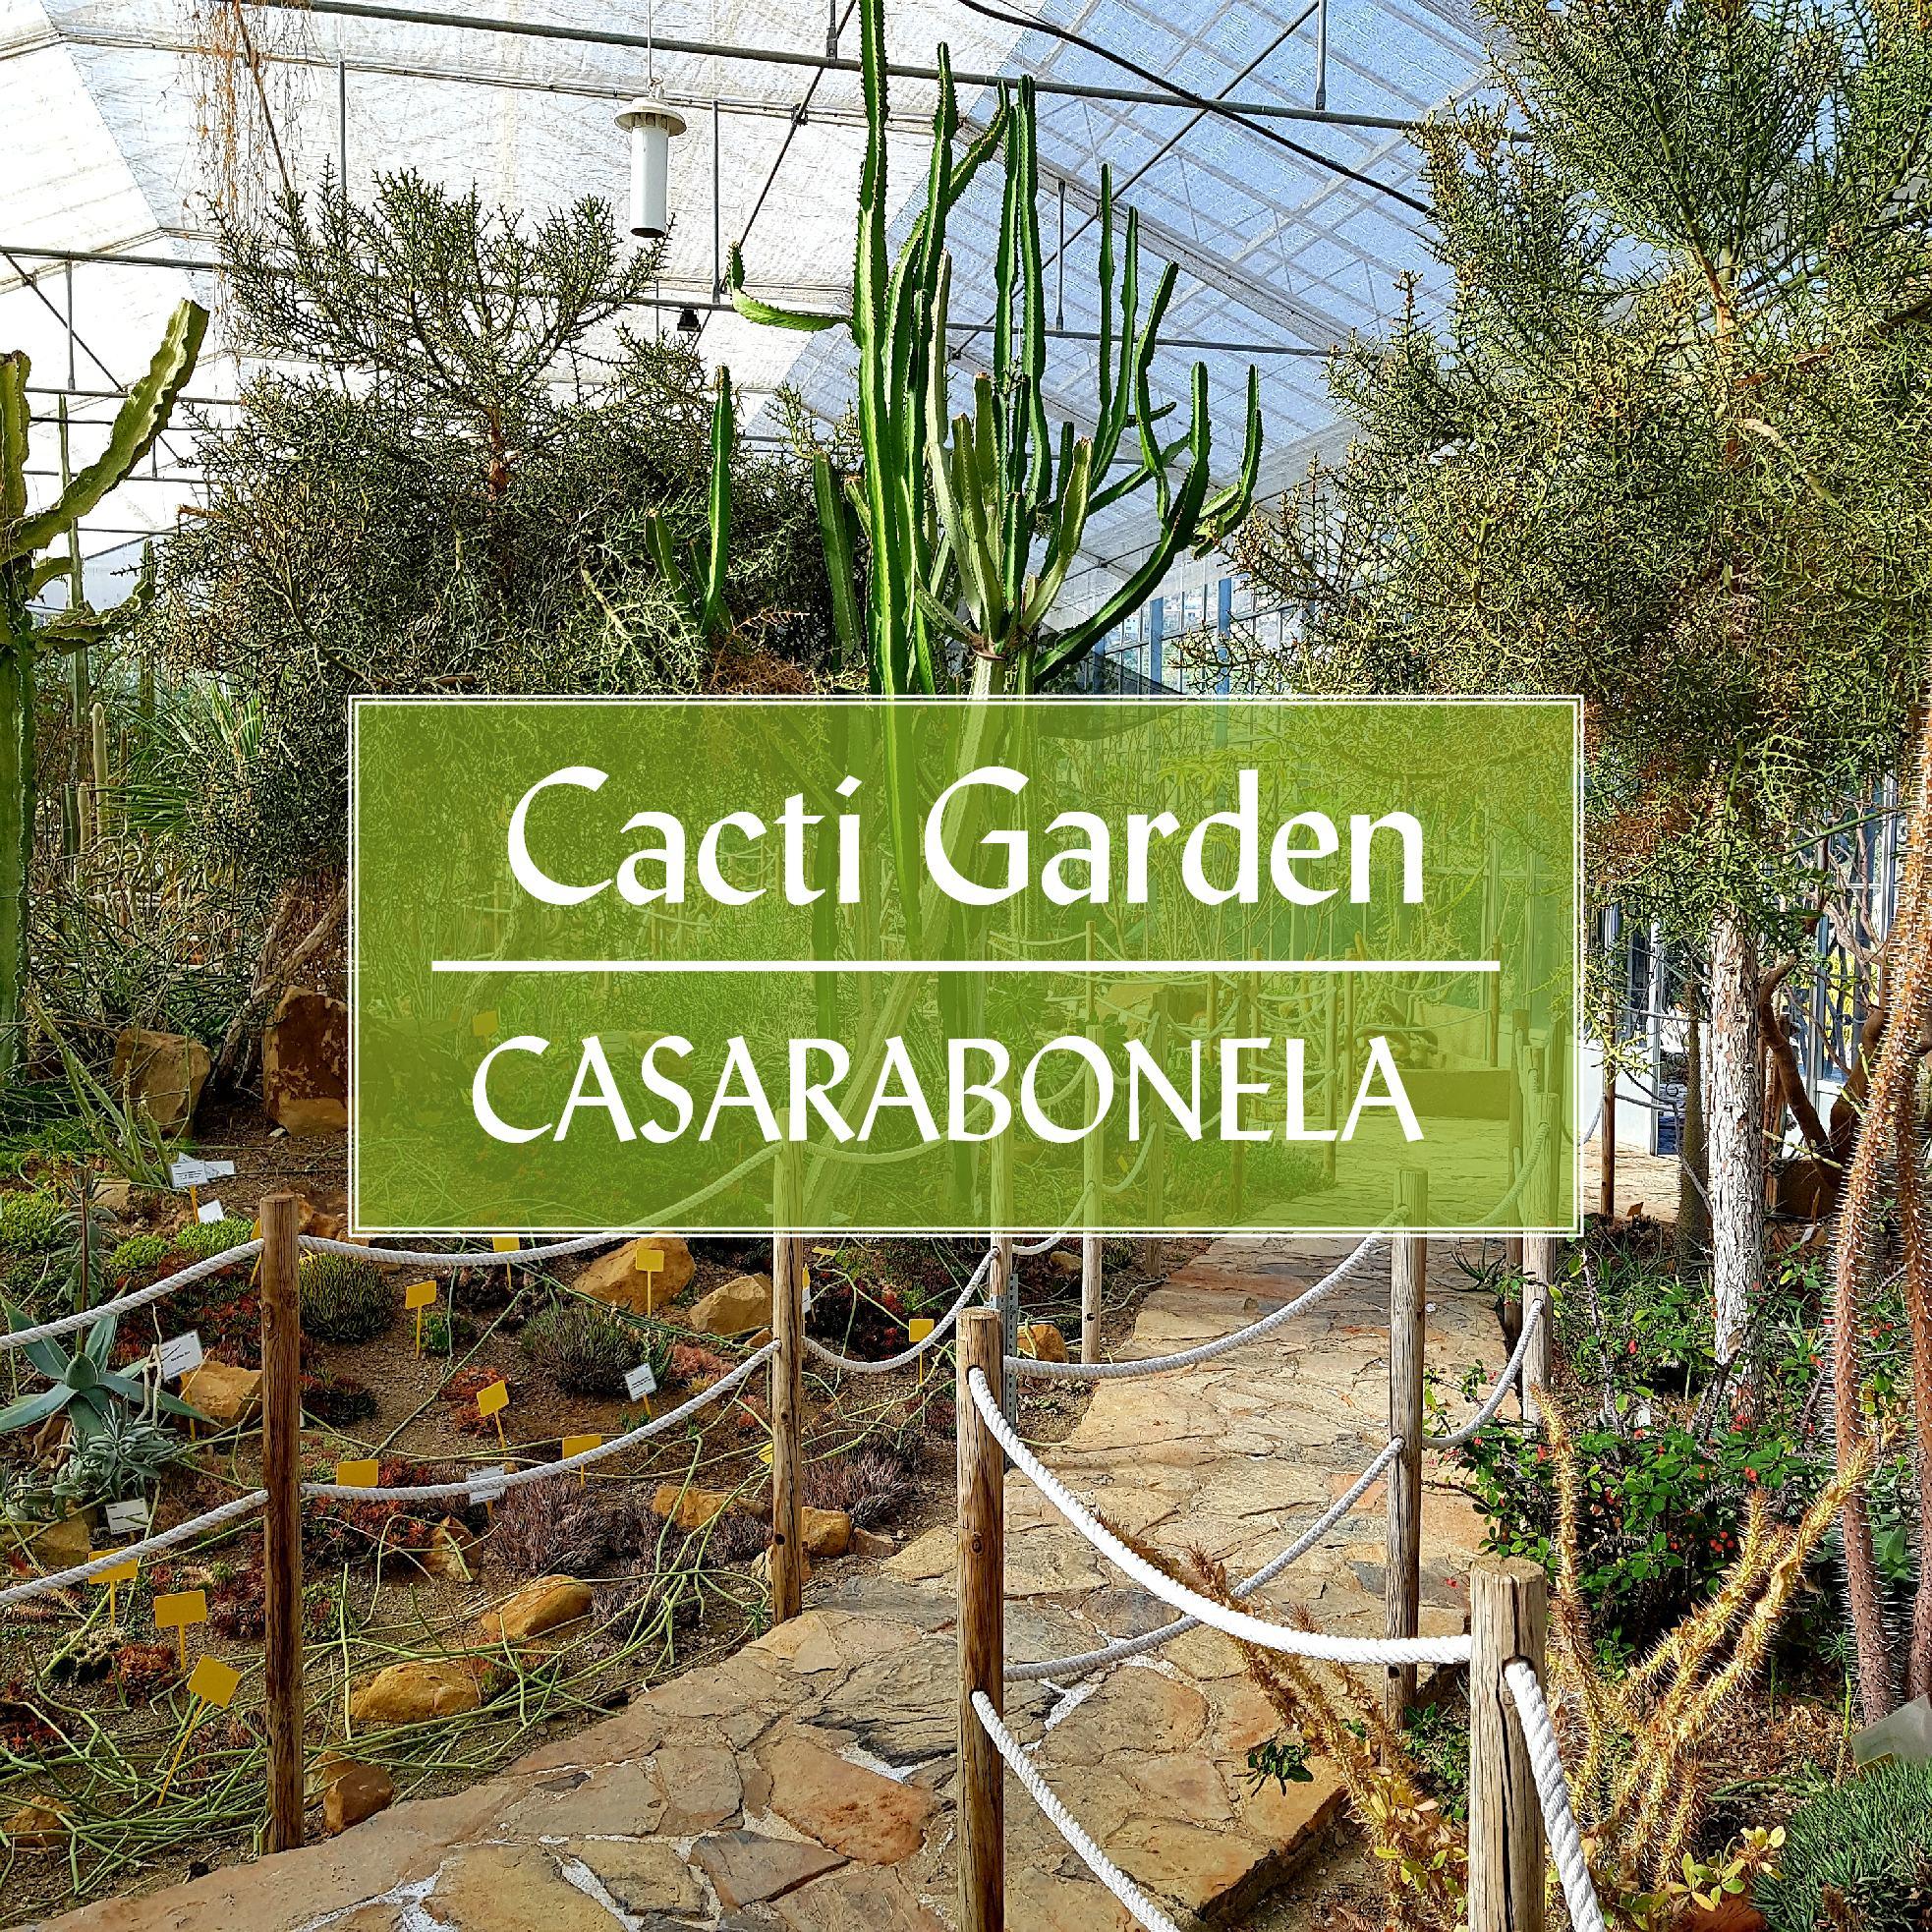 Botanical Cacti Garden Casarabonela Malaga